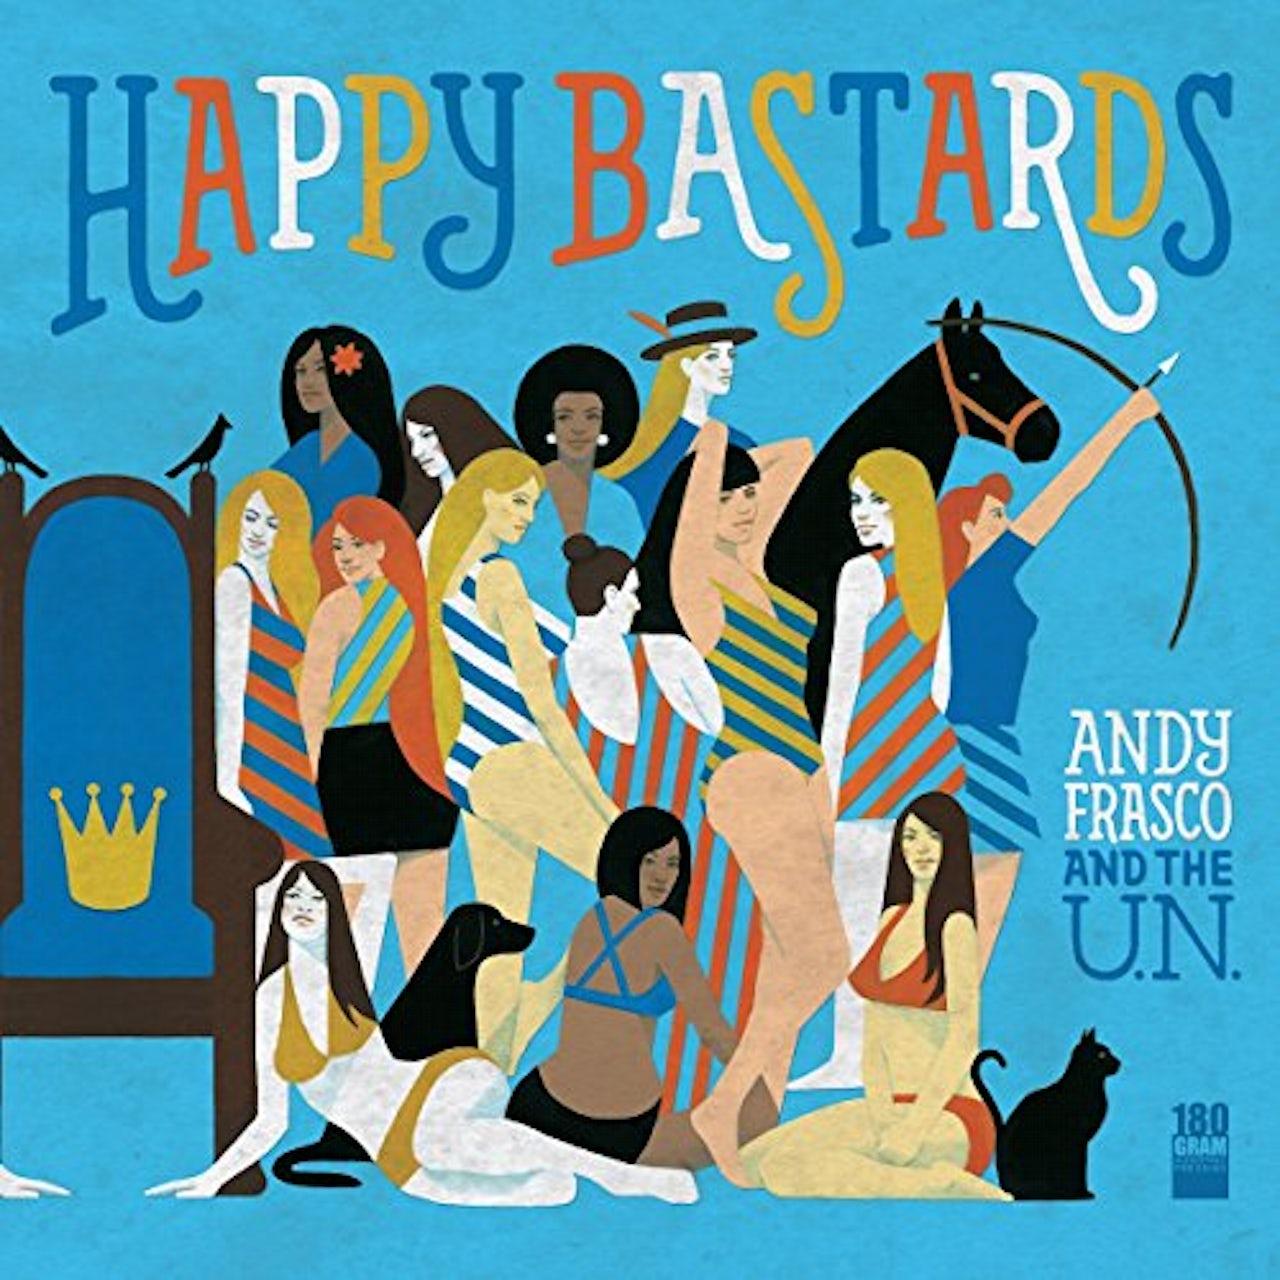 Andy Frasco & The U N  HAPPY BASTARDS Vinyl Record